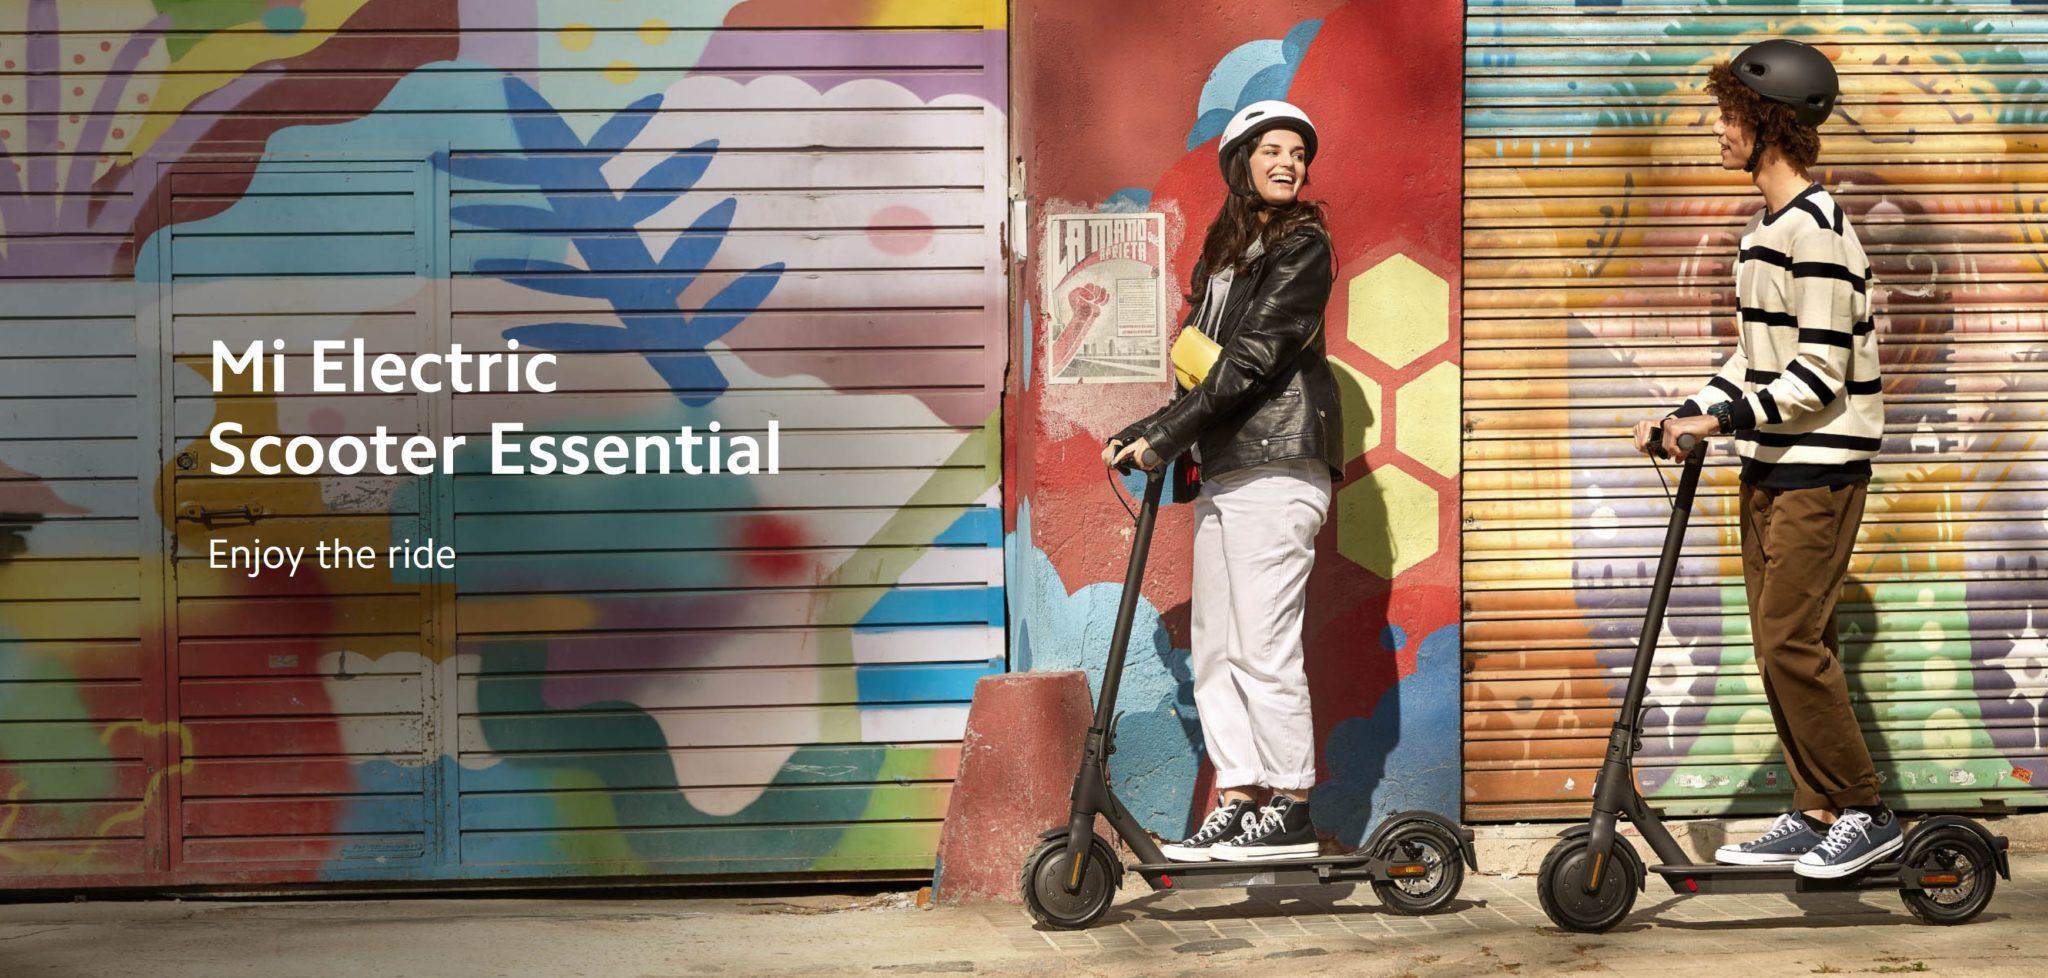 TOP 10 hulajnóg elektrycznych - ranking - Xiaomi Scooter Essential